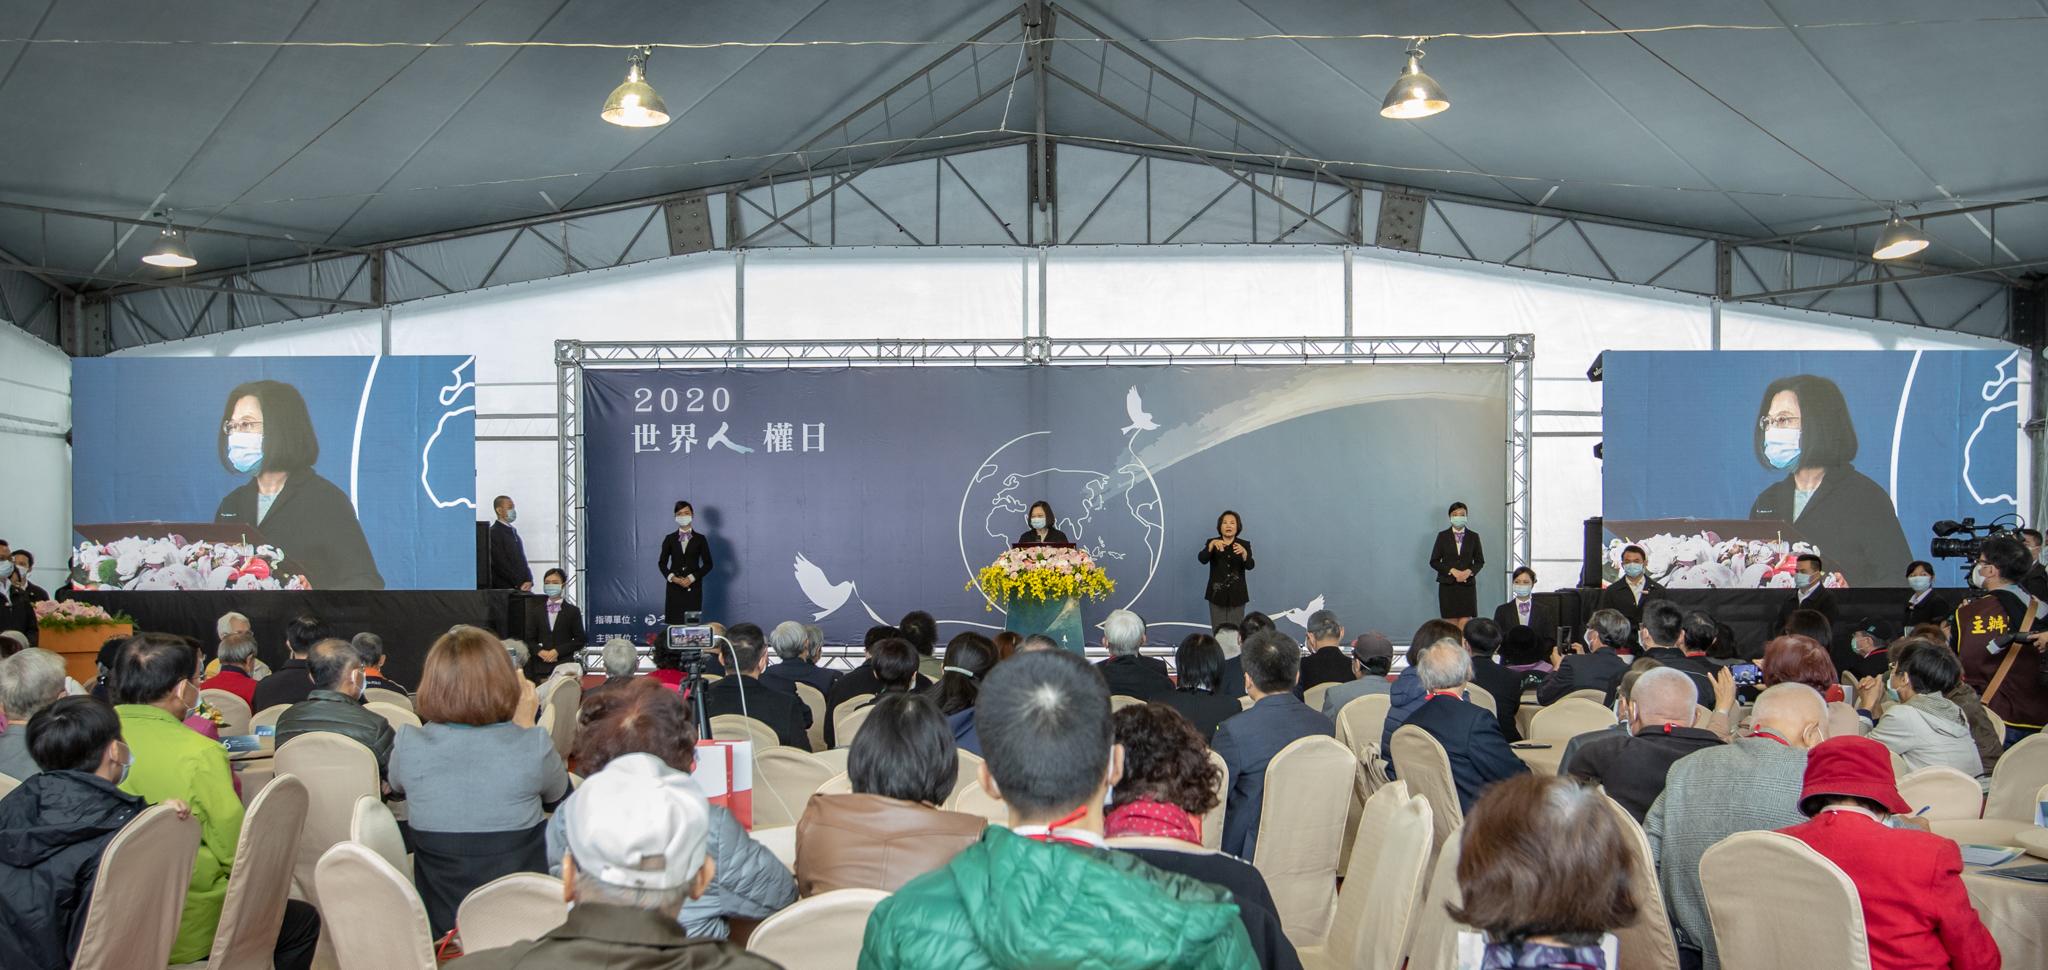 總統出席「『2020世界人權日』典禮」